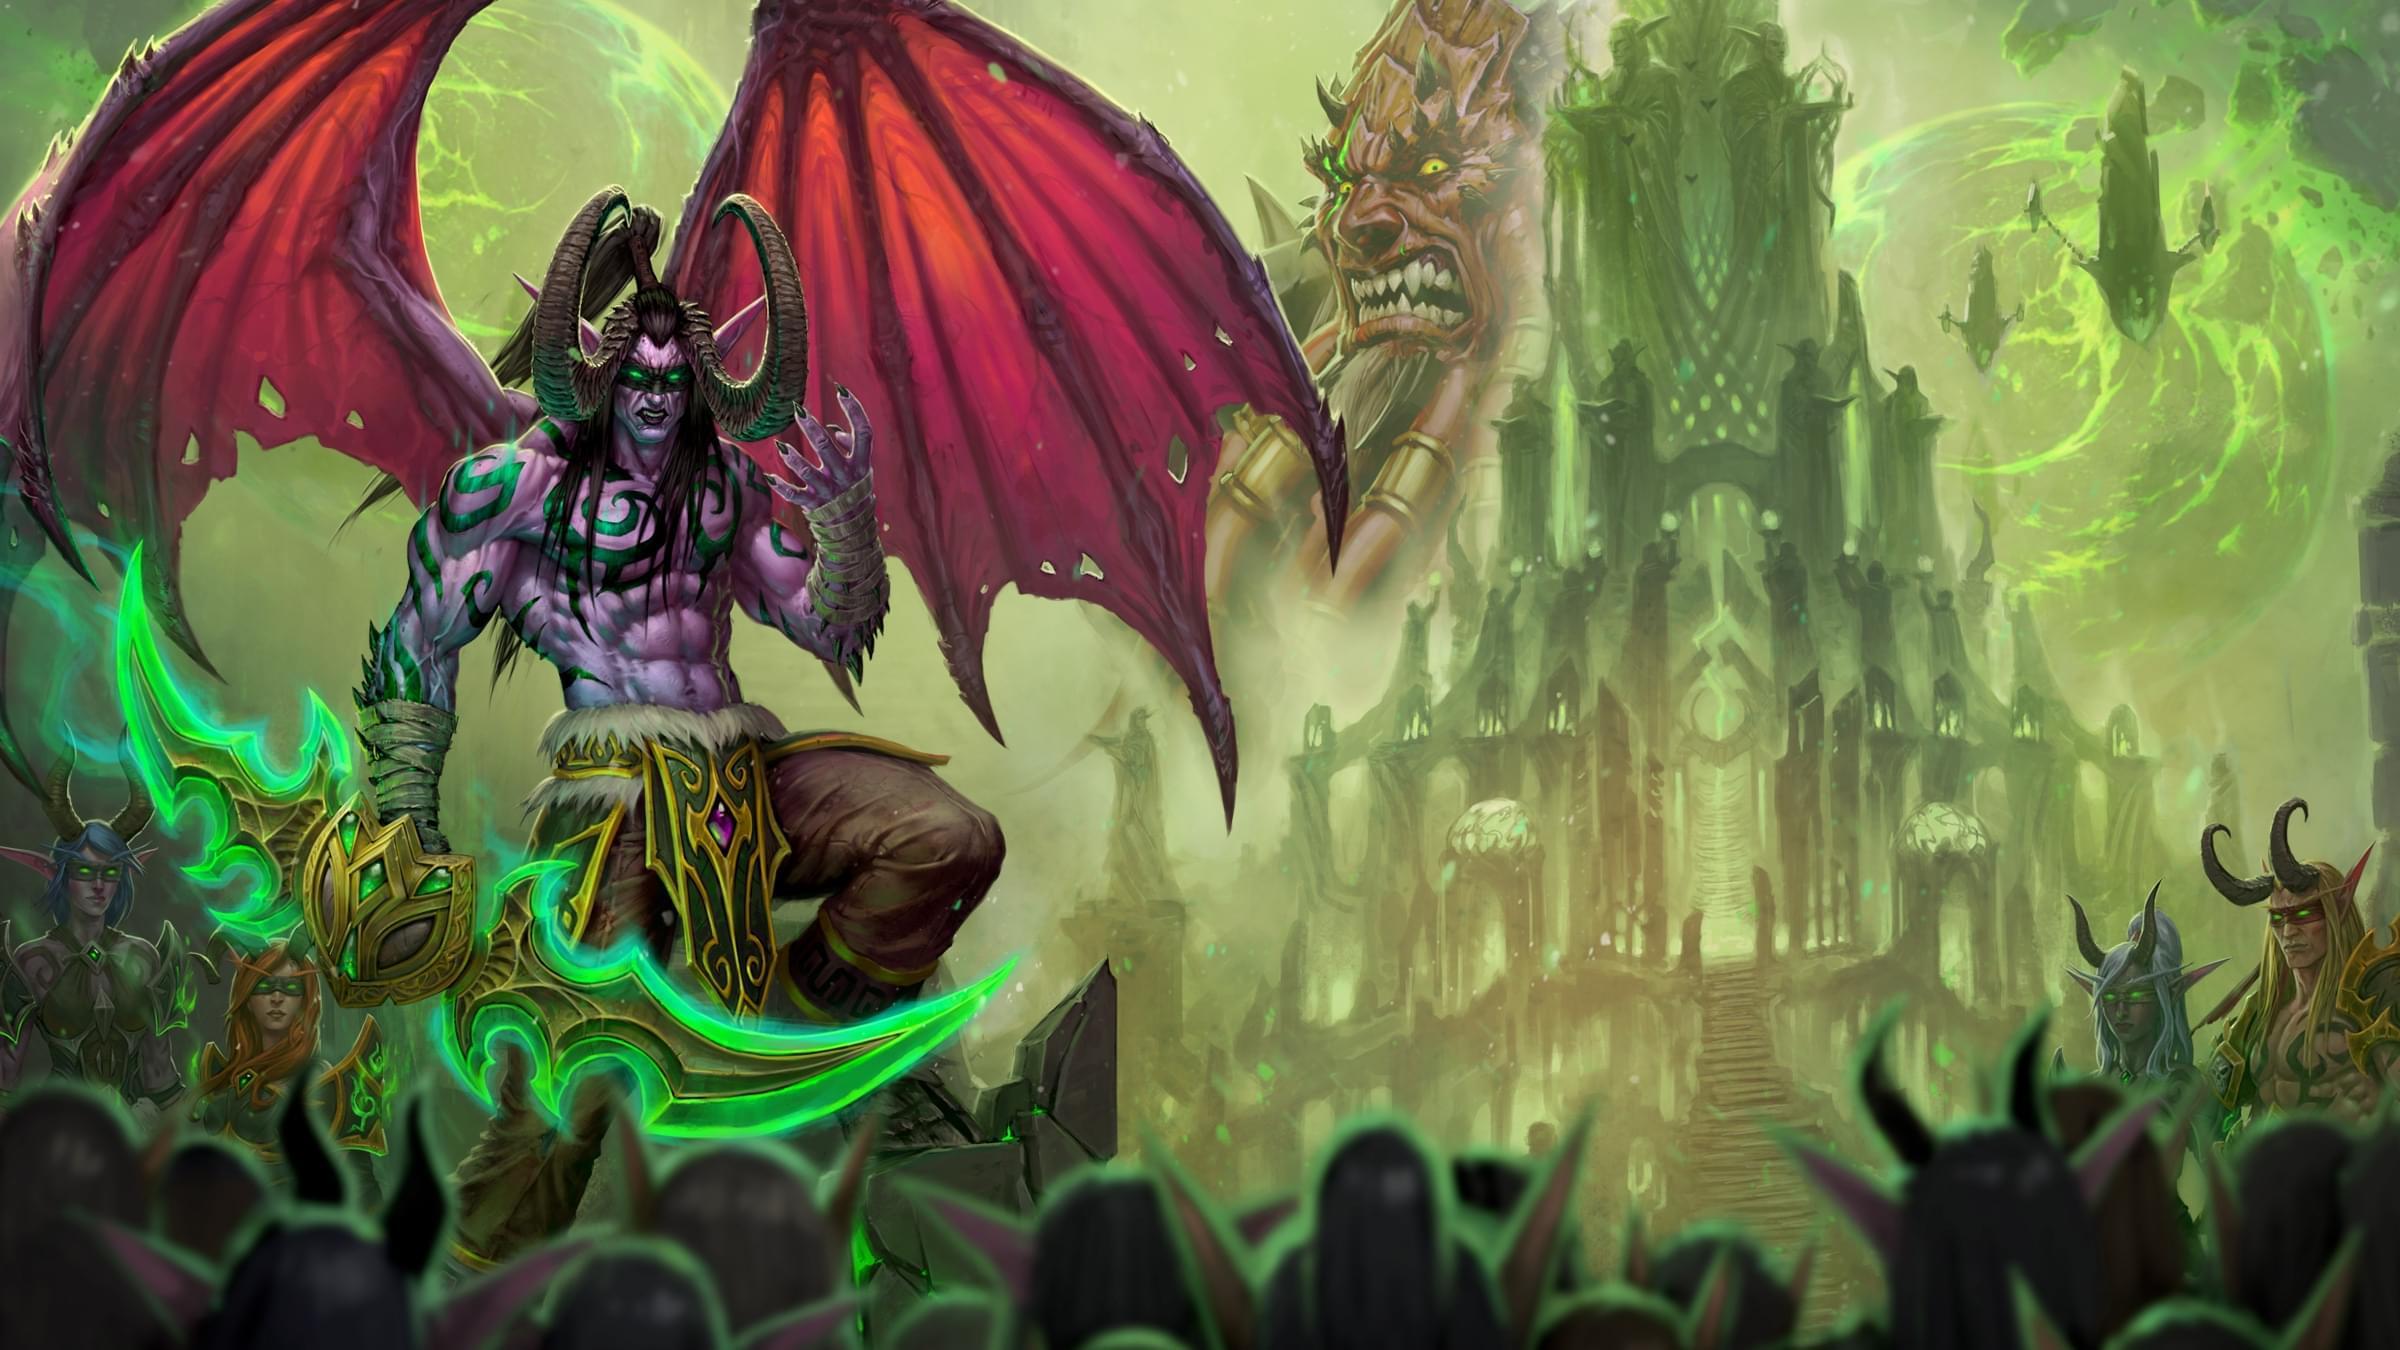 魔兽世界7.2.5:萨格拉斯之墓史诗和随机难度开放